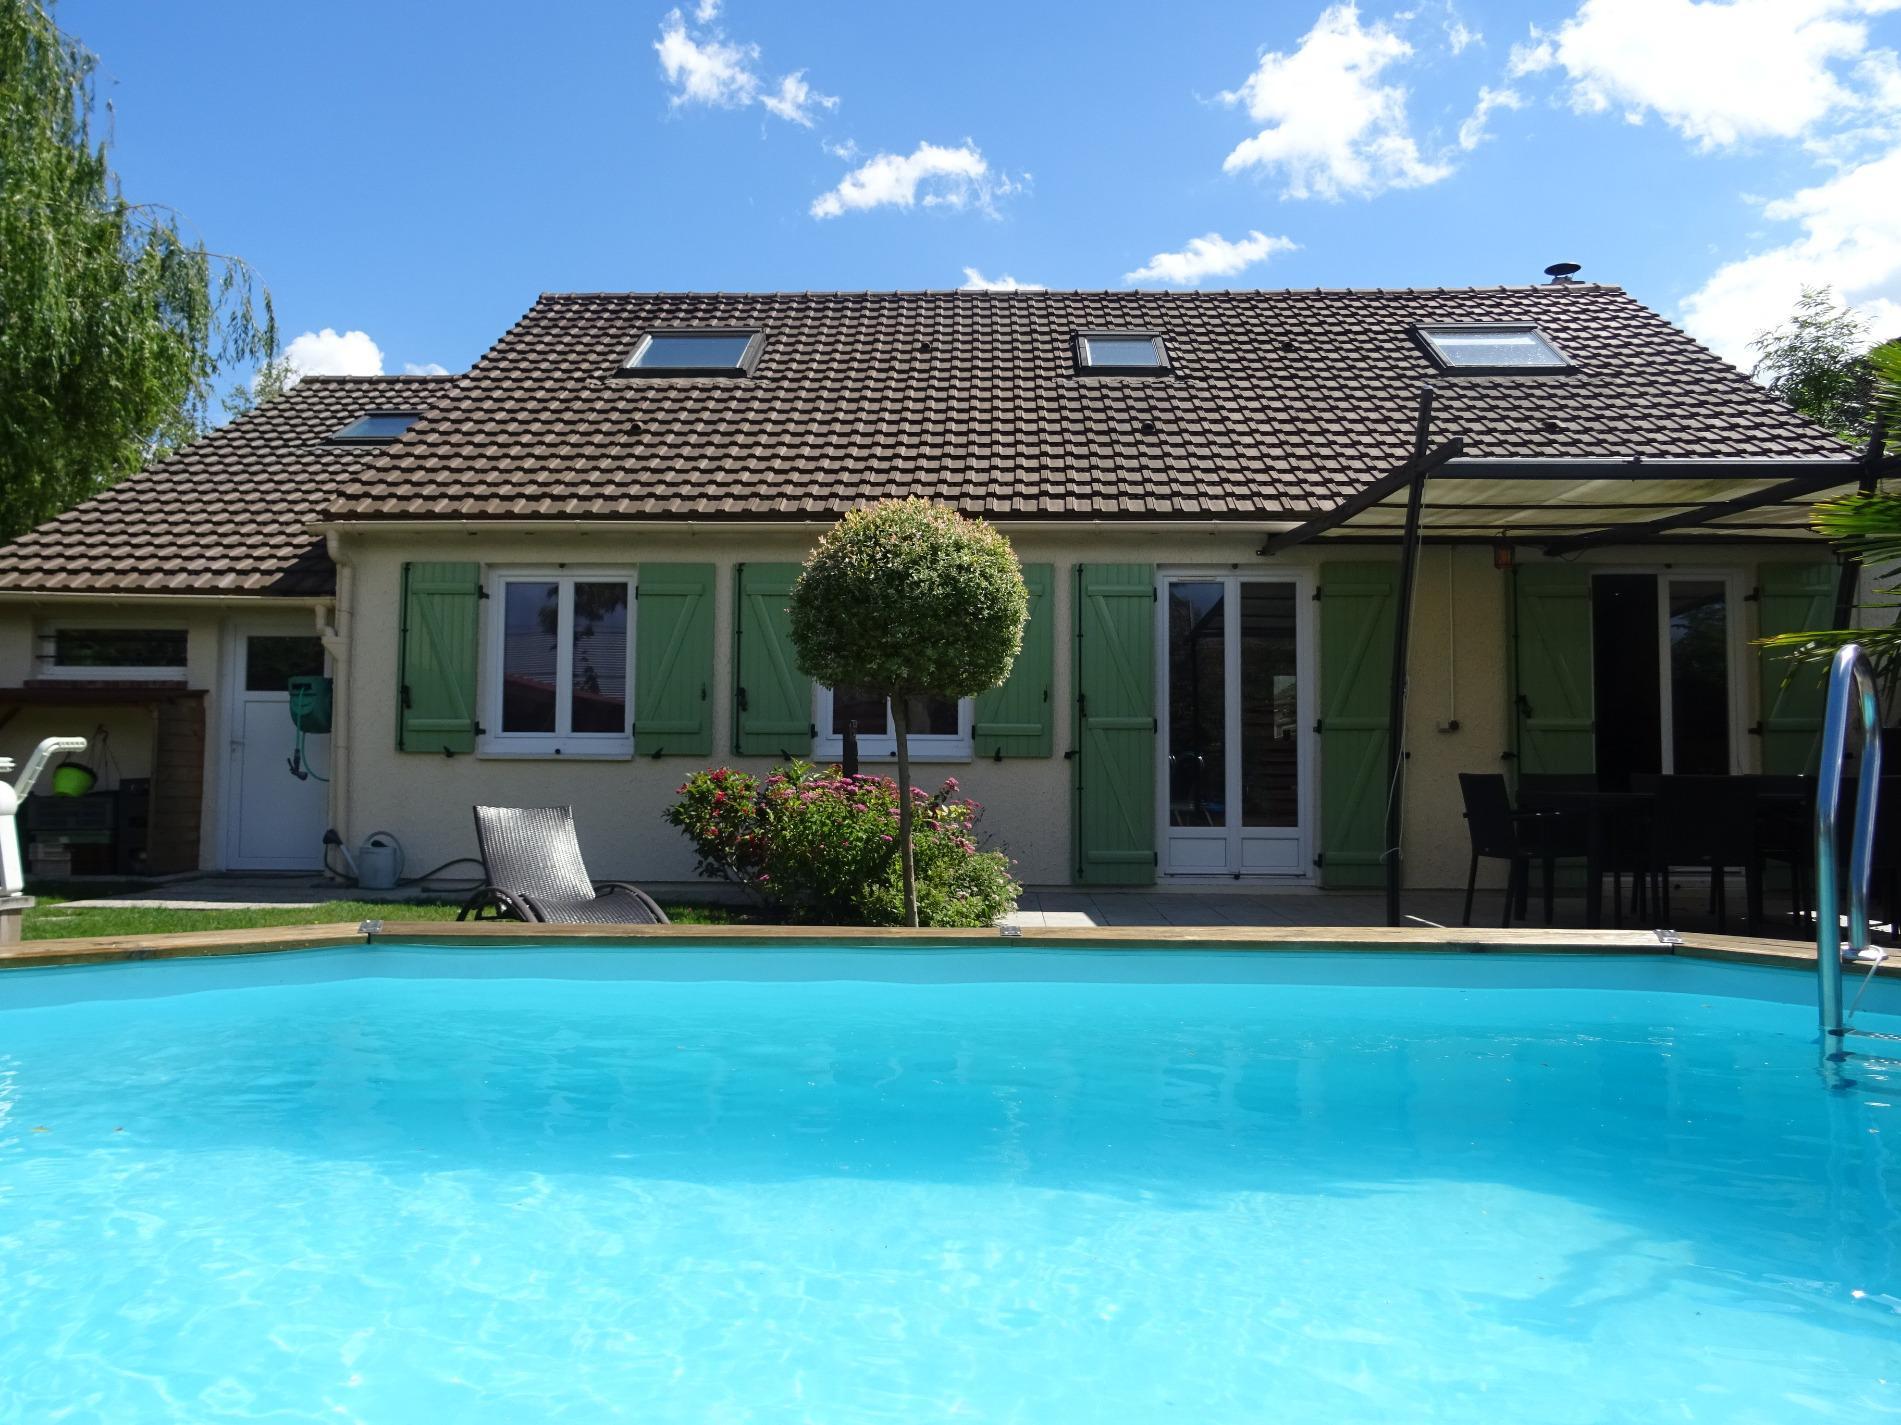 Annonce vente maison orleans 45100 120 m 285 500 992737898587 - Piscine couverte maison orleans ...